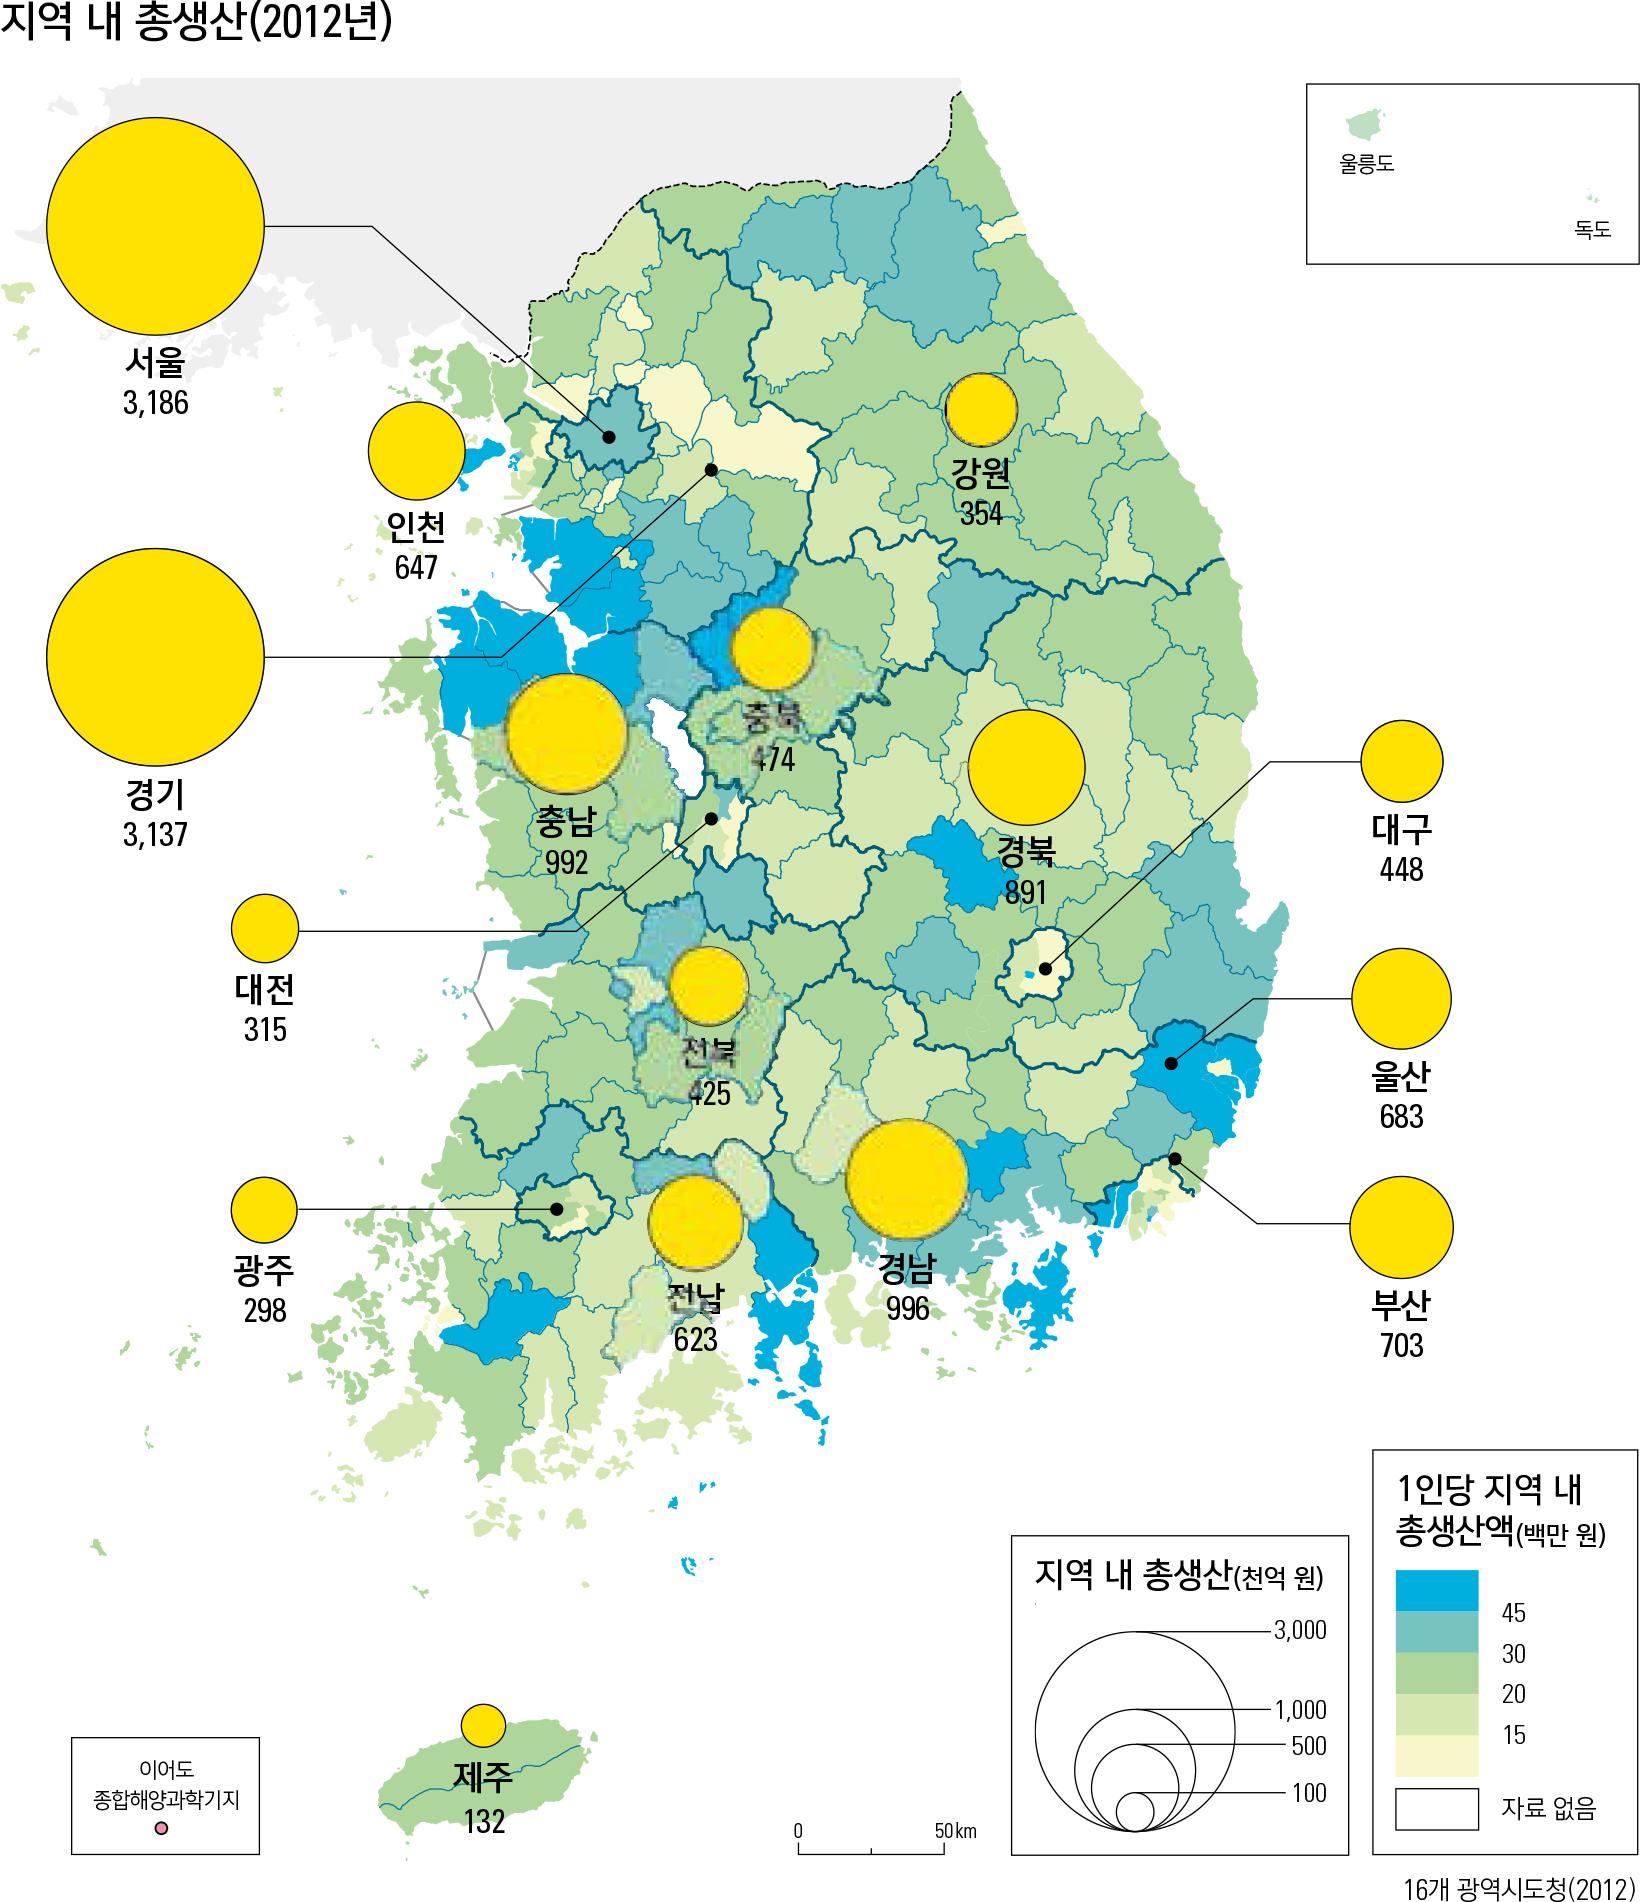 지역 내 총생산(2012년)